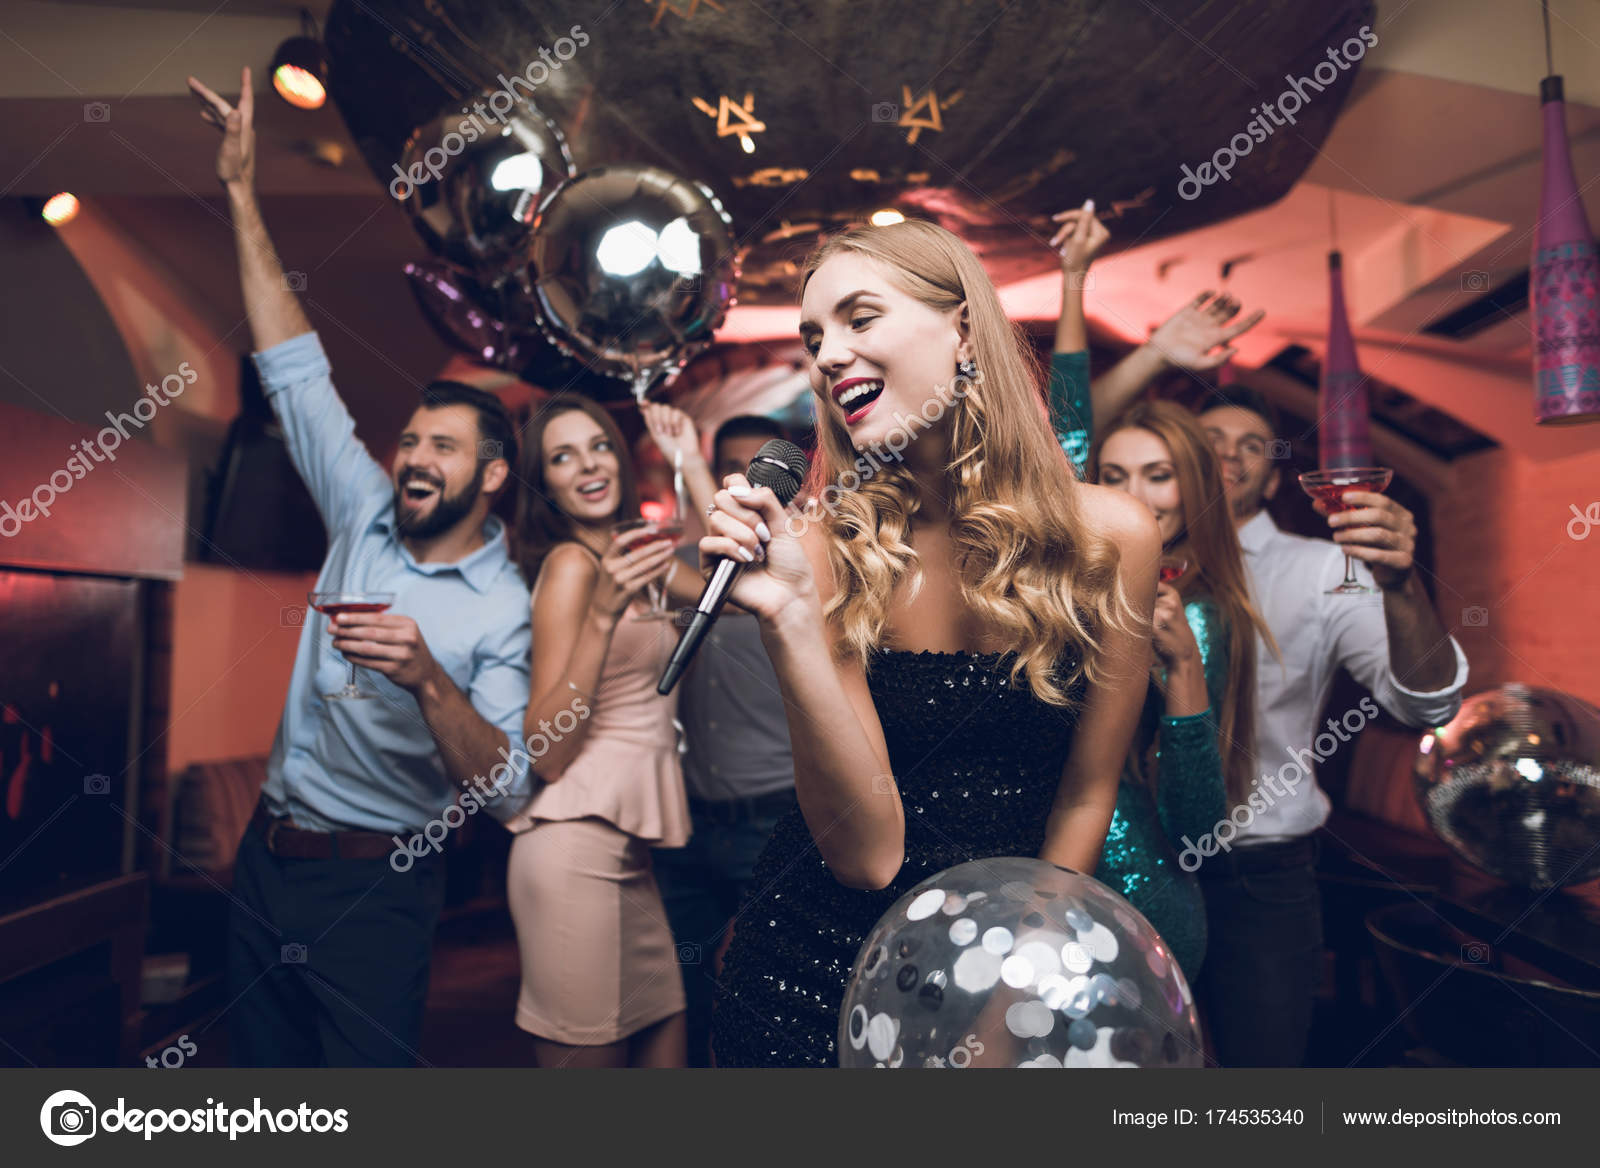 Vestido negro karaoke